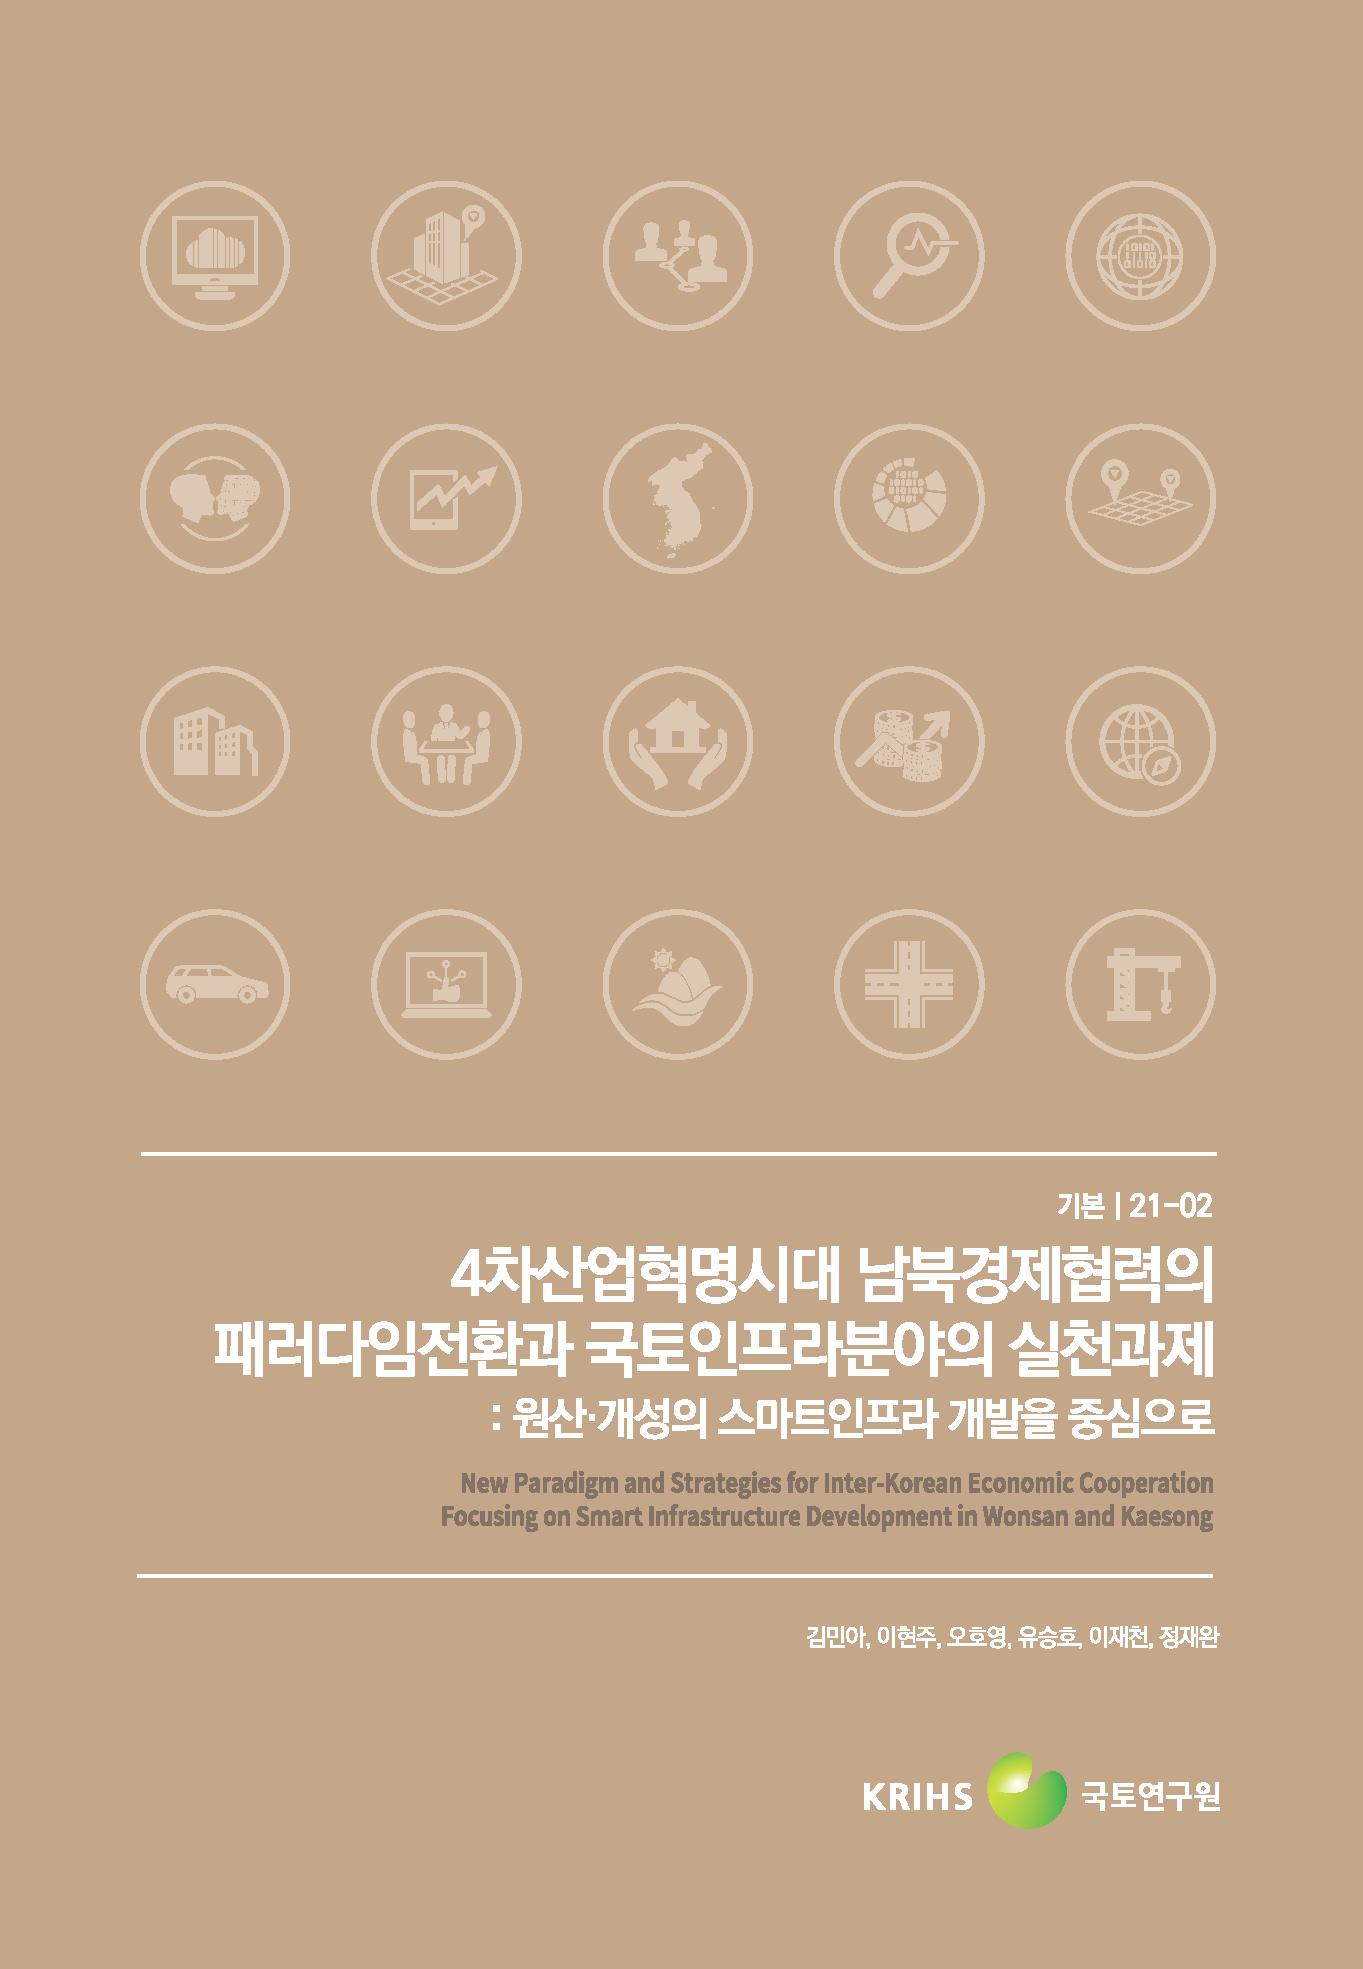 4차산업혁명시대 남북경제협력의 패러다임전환과 국토인프라분야의 실천과제: 원산·개성의 스마트인프라 개발을 중심으로 (New Paradigm and Strategies for Inter-Korean Economic Cooperation Focusing on Smart Infrastructure Development in Wonsan and Kaesong)